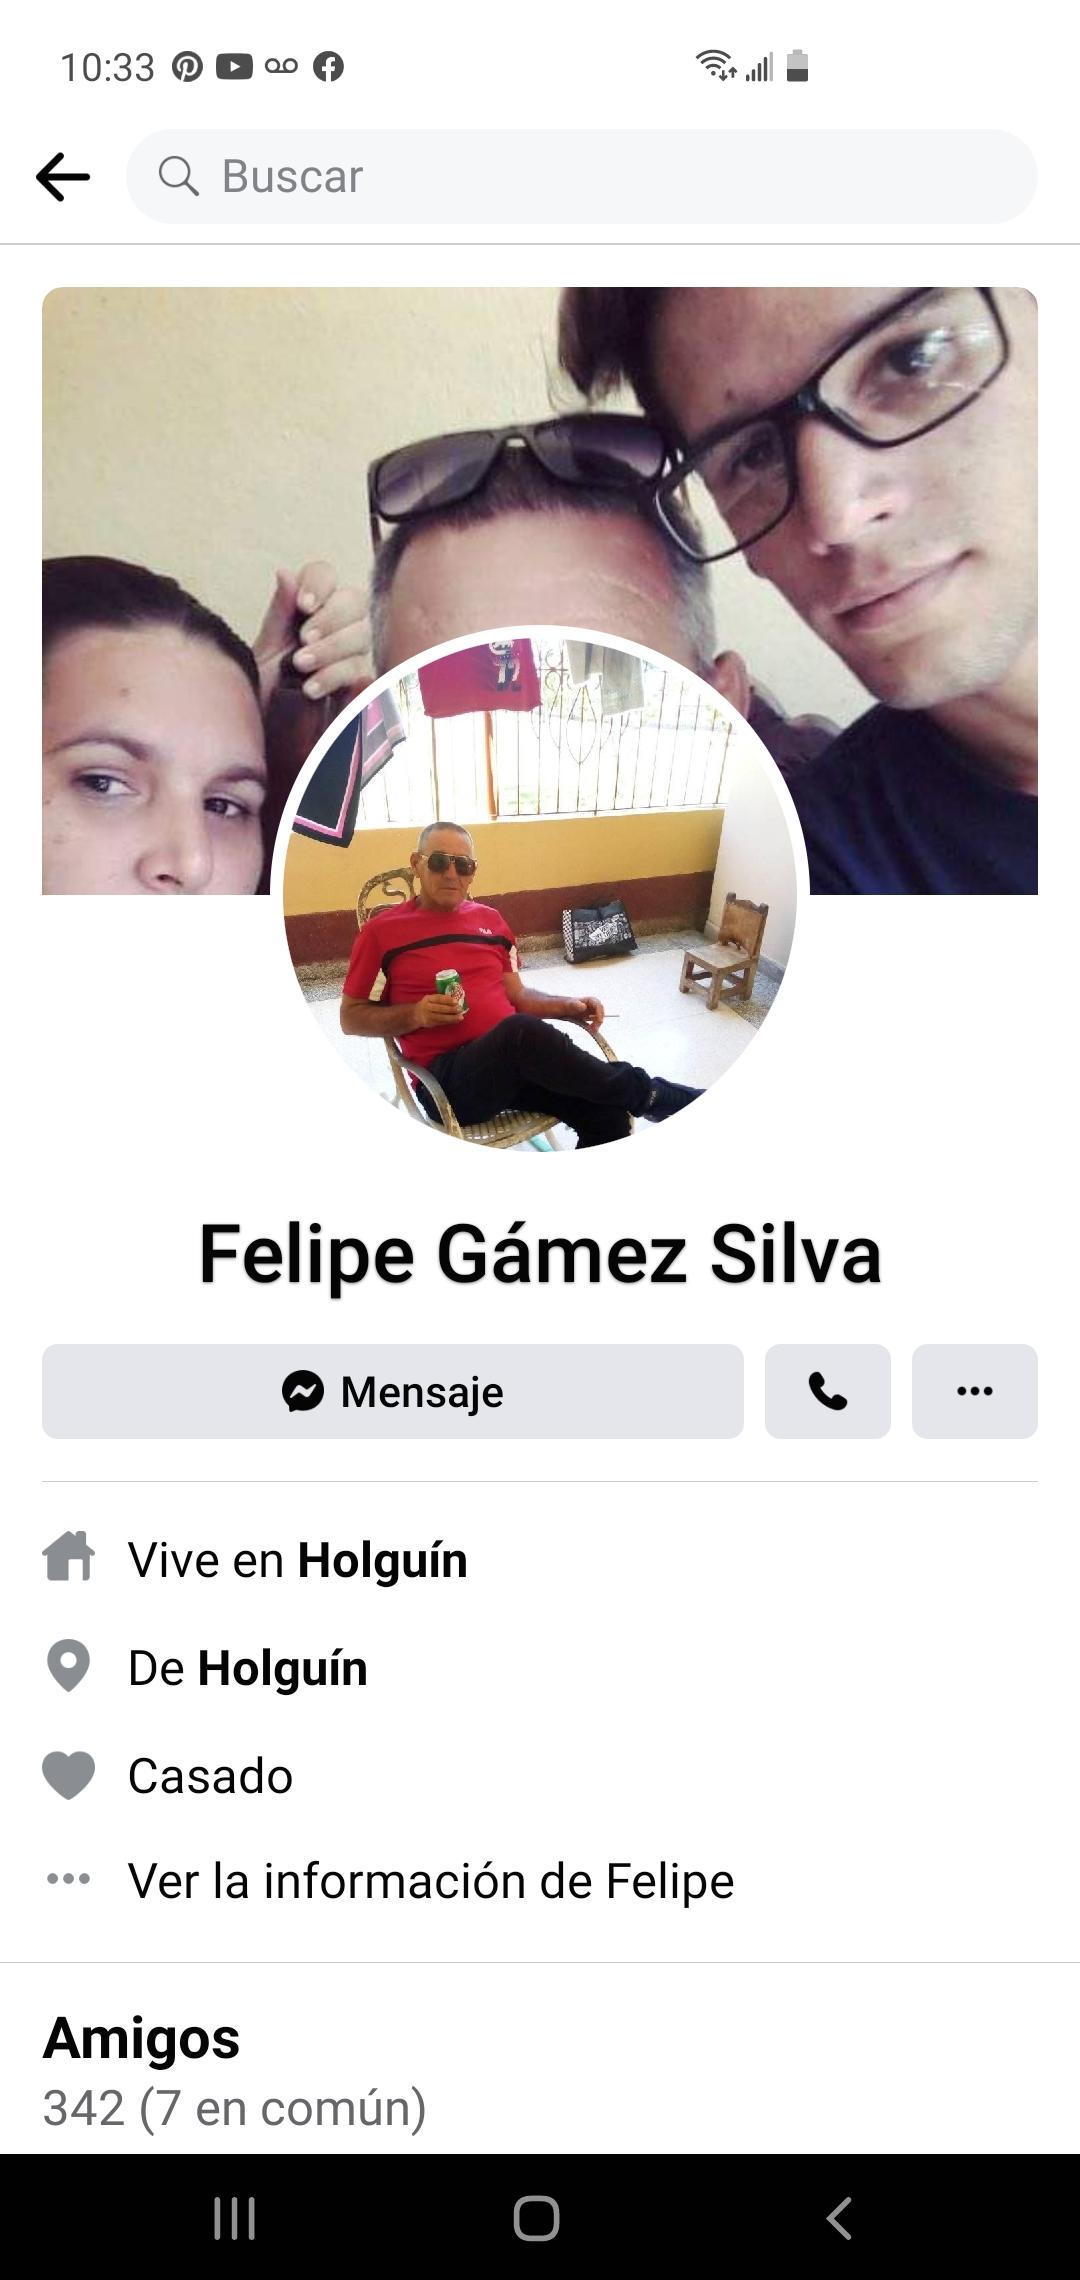 Felipe Gamez silva